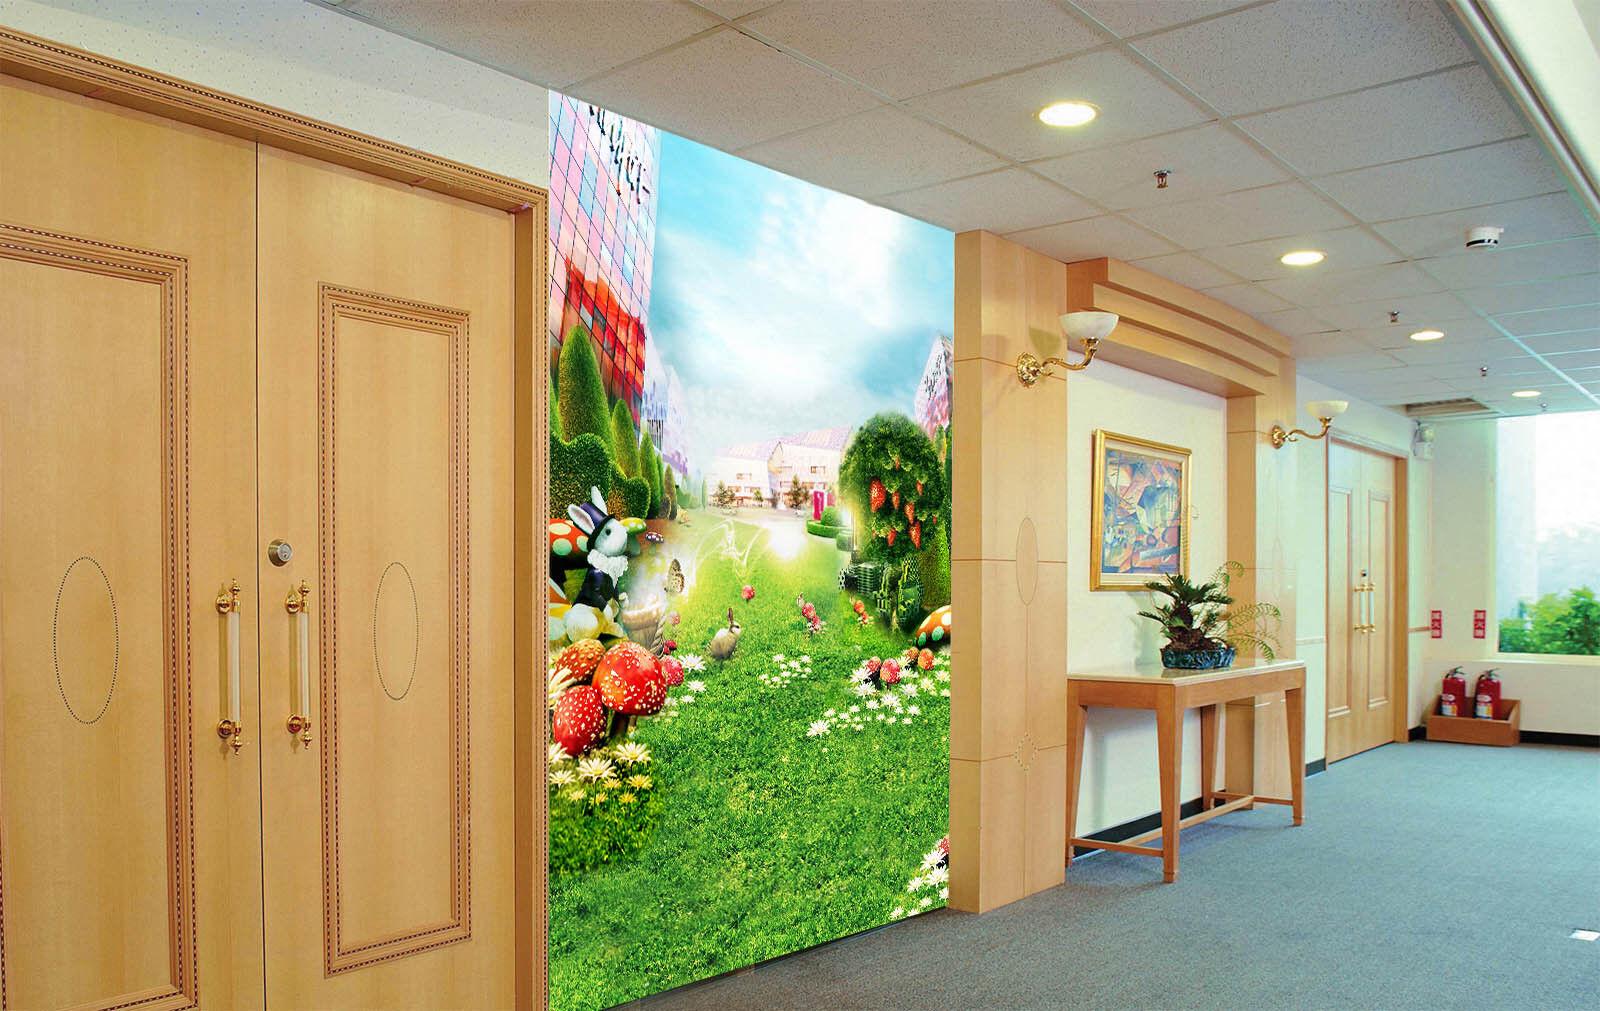 3D Fruit Tree Lawn Cartoon Wall Paper Wall Print Decal Wall AJ WALLPAPER CA